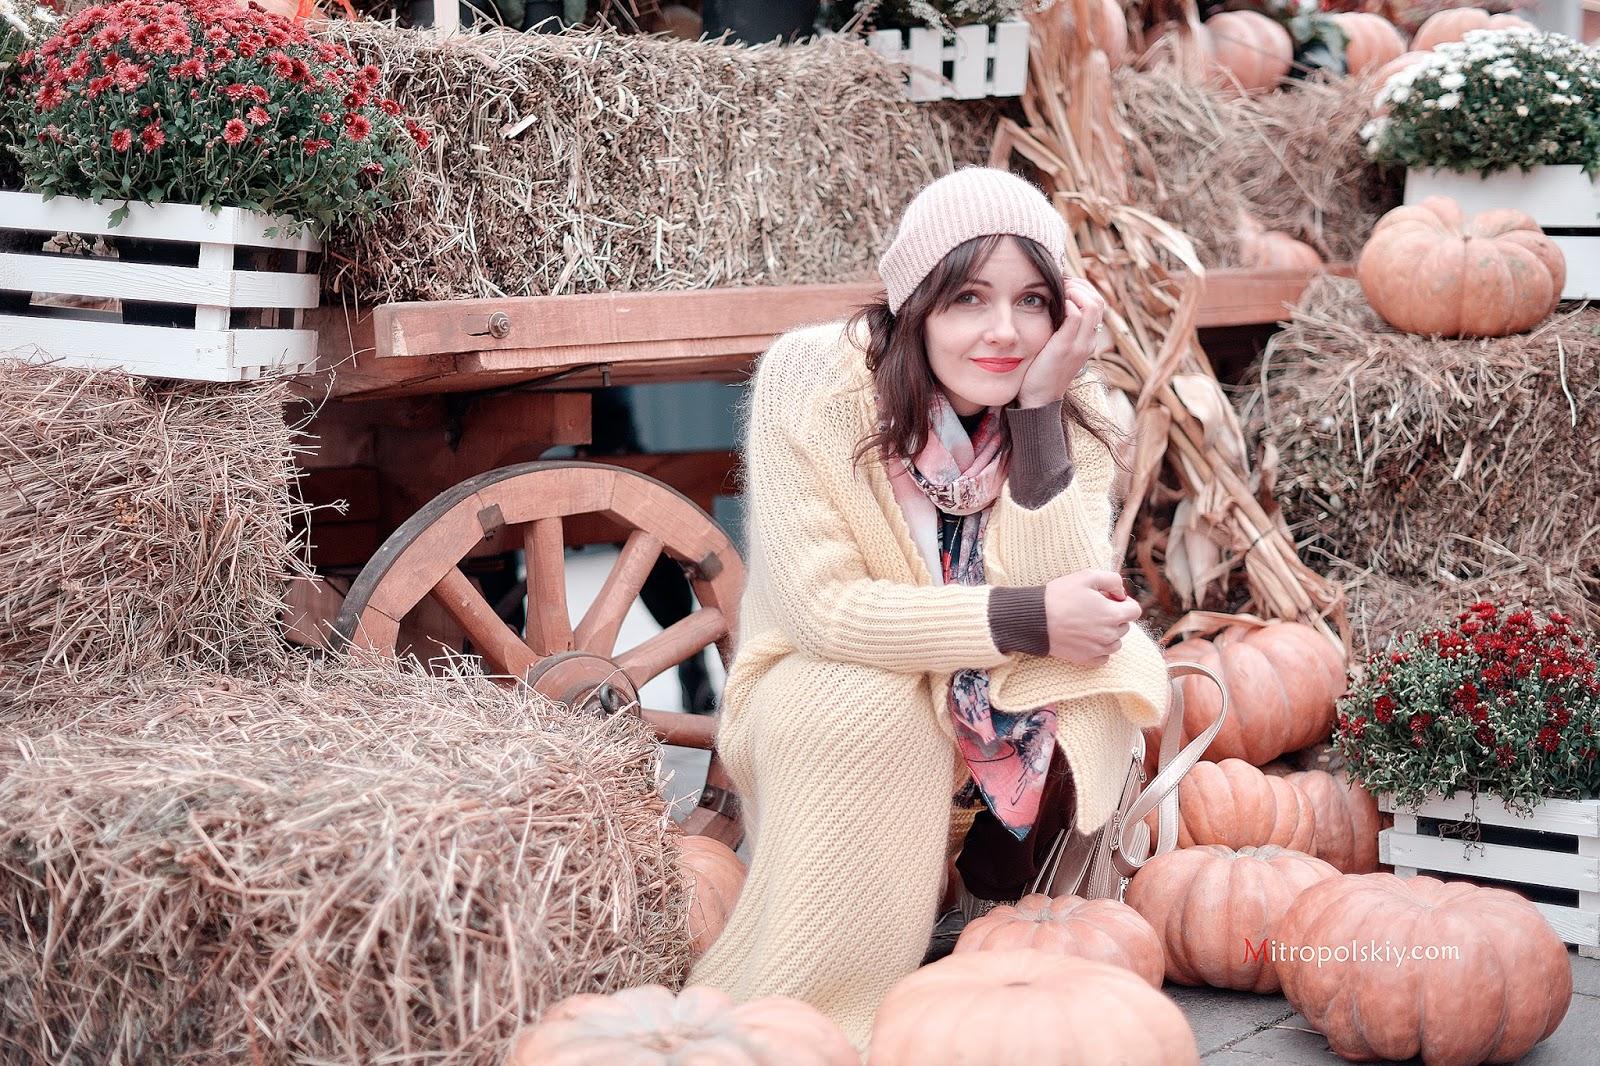 Питание здоровья. Как правильно выбрать вкусные и здоровые продукты? Автор actress Nataly Tsvetkova, writer. Со-автор Producer Niclav S.